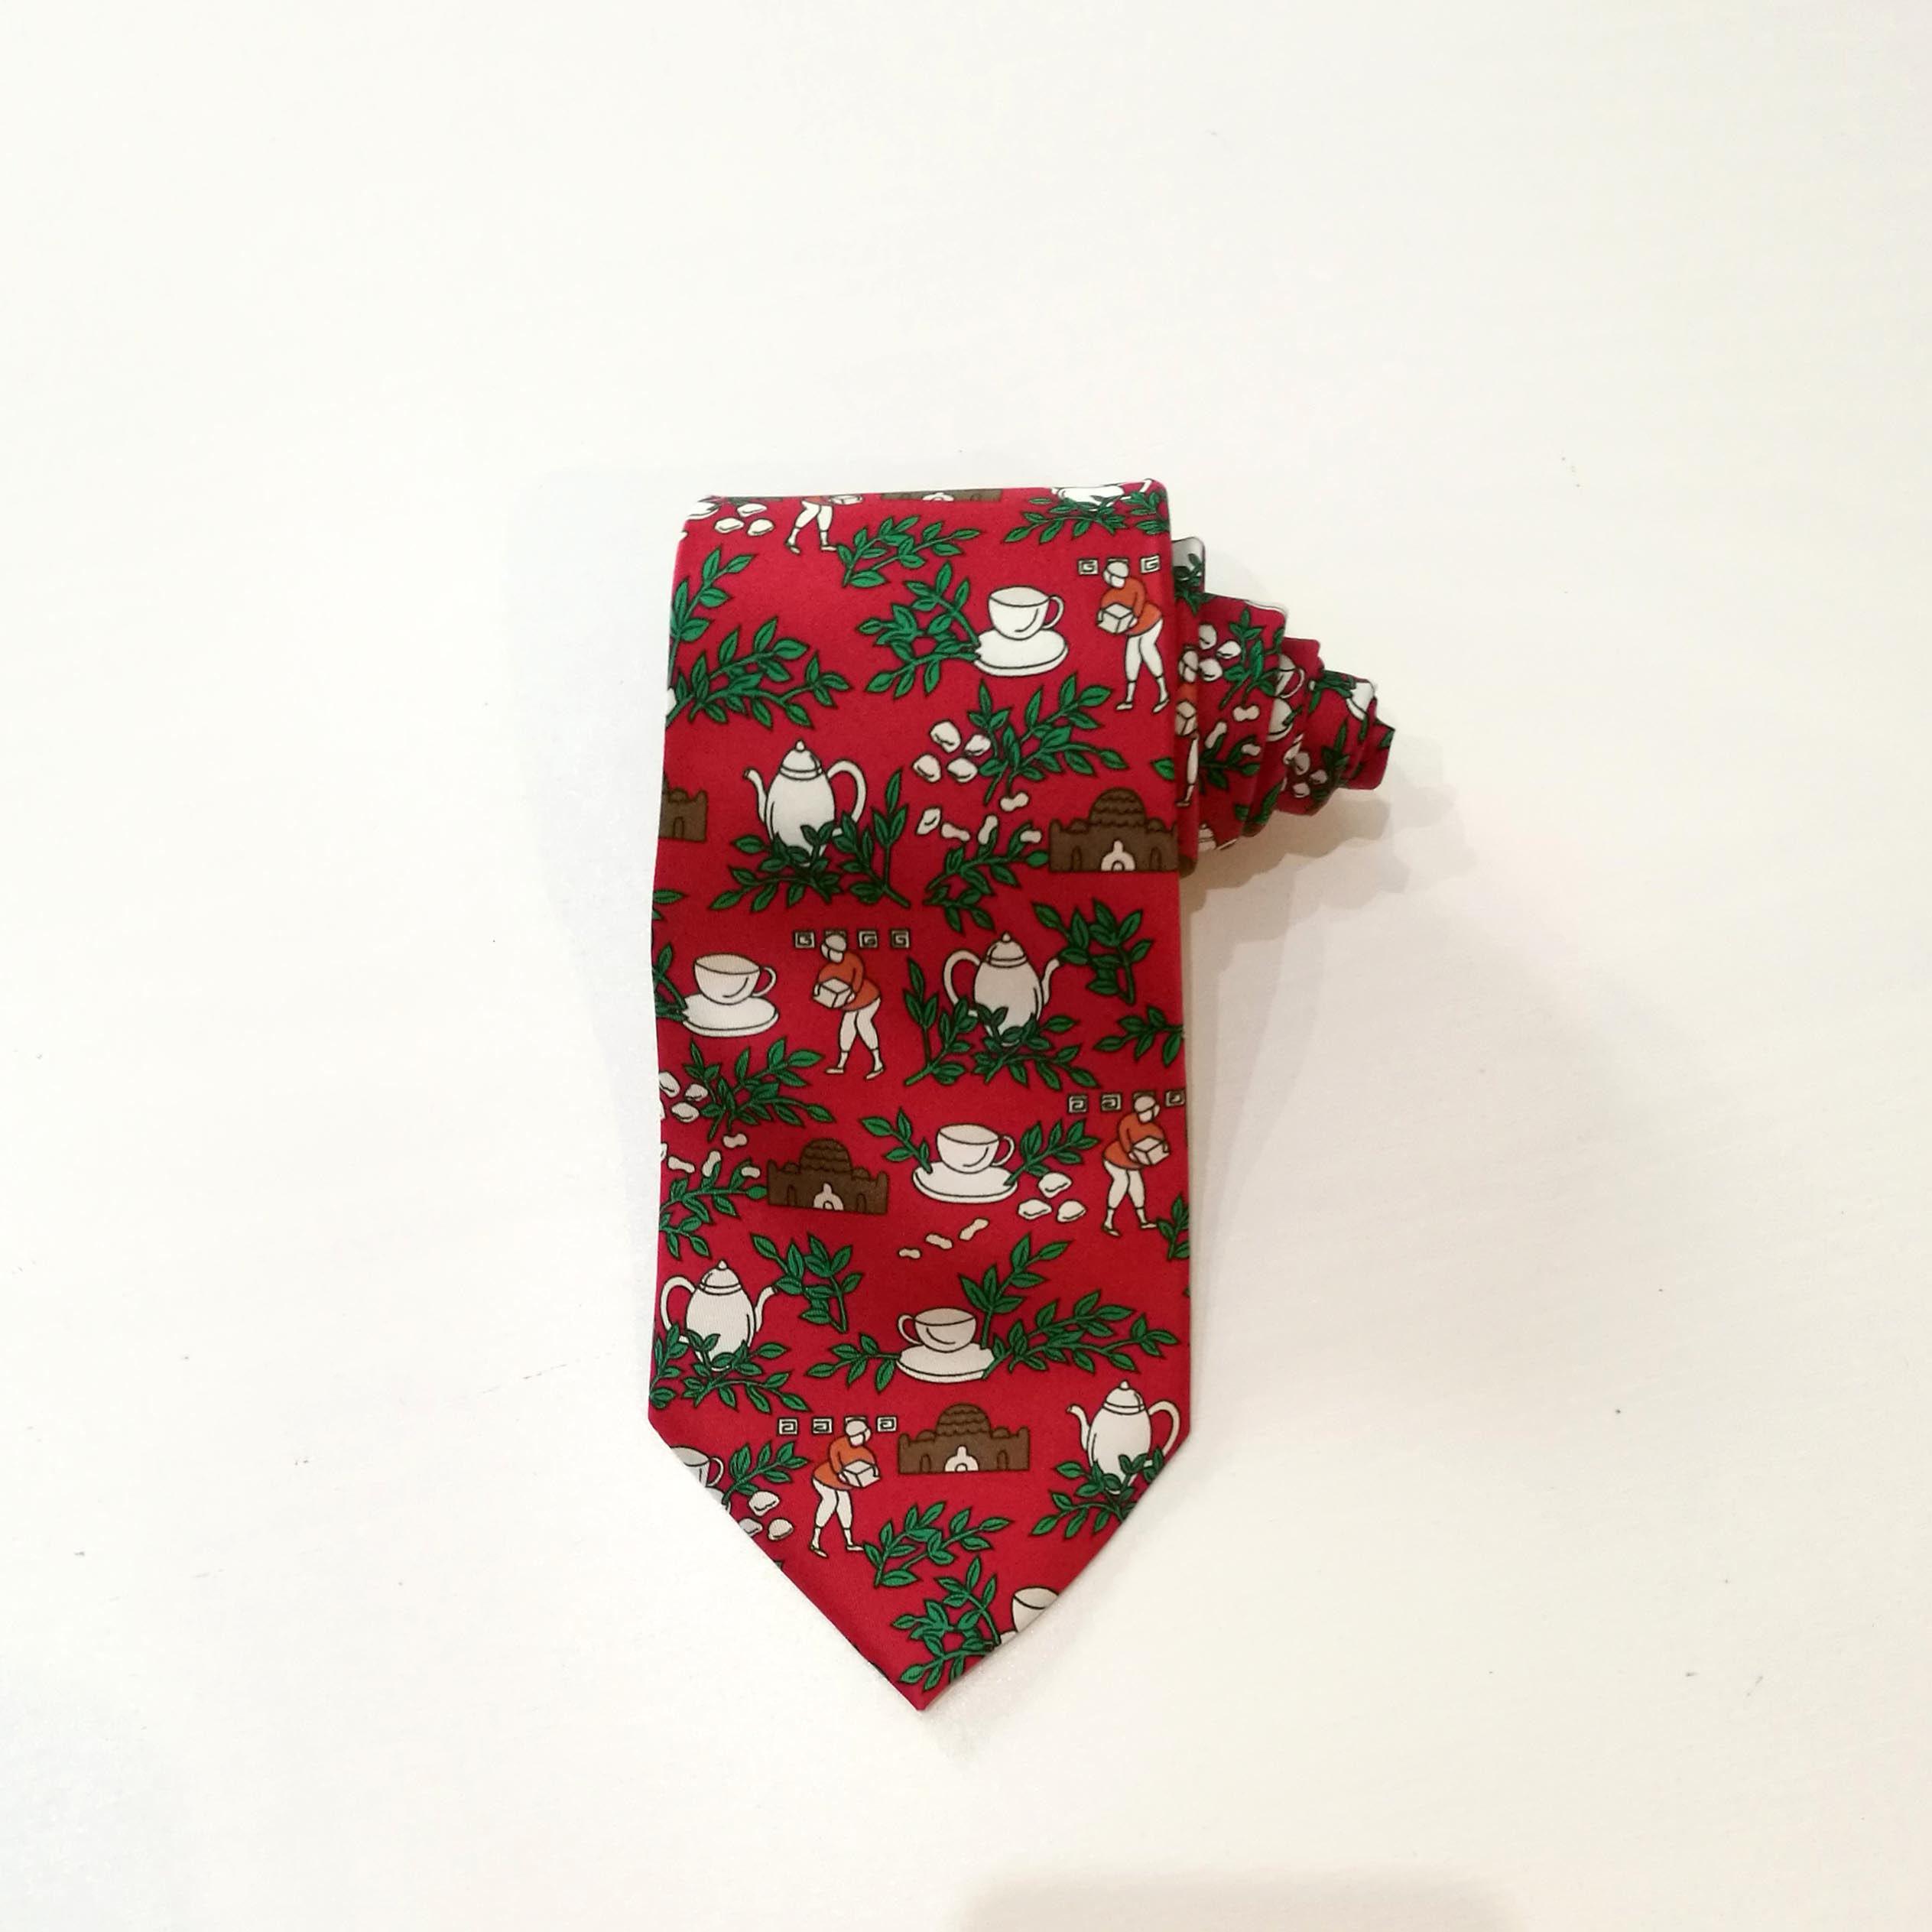 5249c14075f0 Hermès vintage tie. Rare Hermes tie. Necktie Hermes serial | Etsy